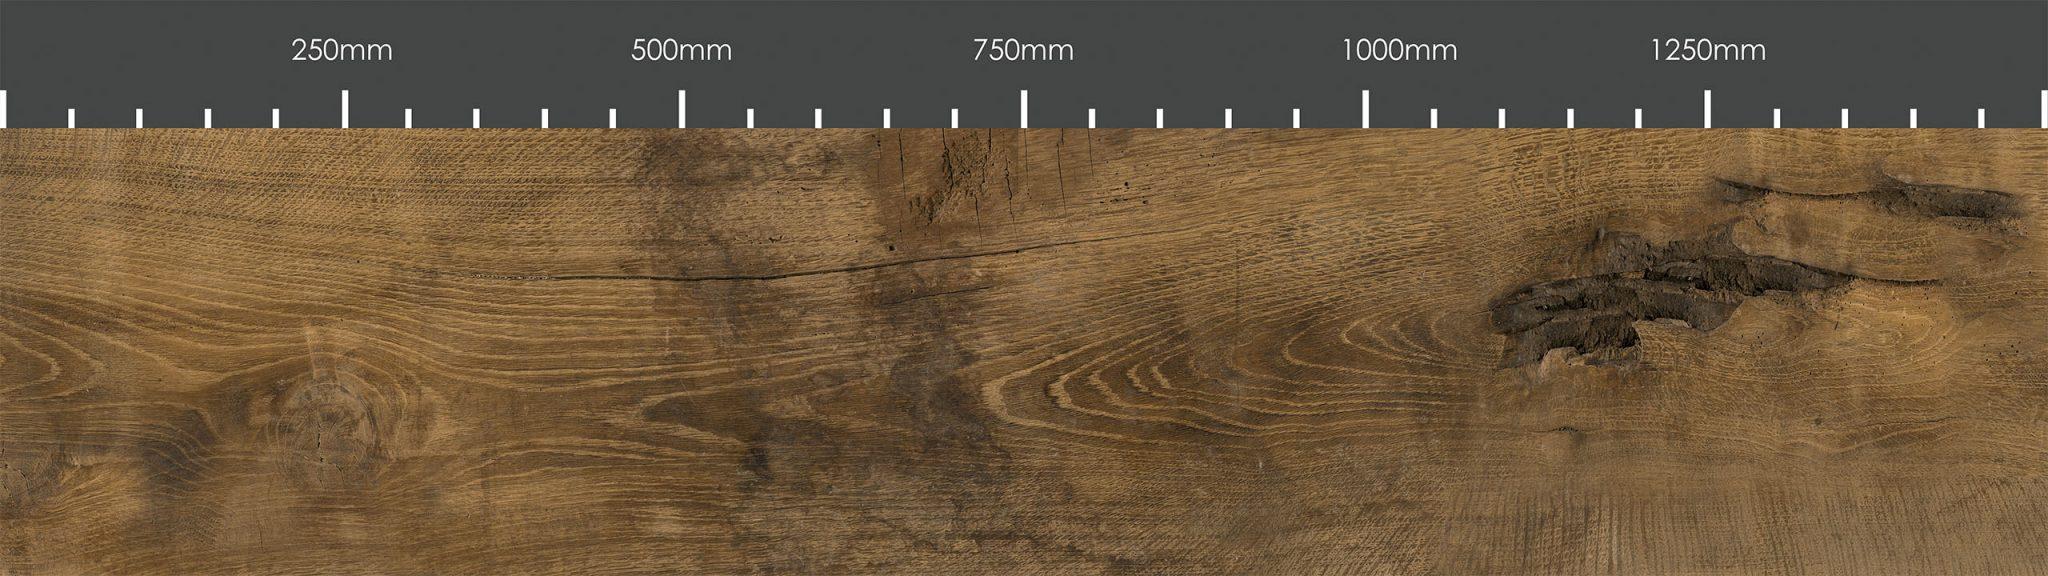 Massivholz Maßstab